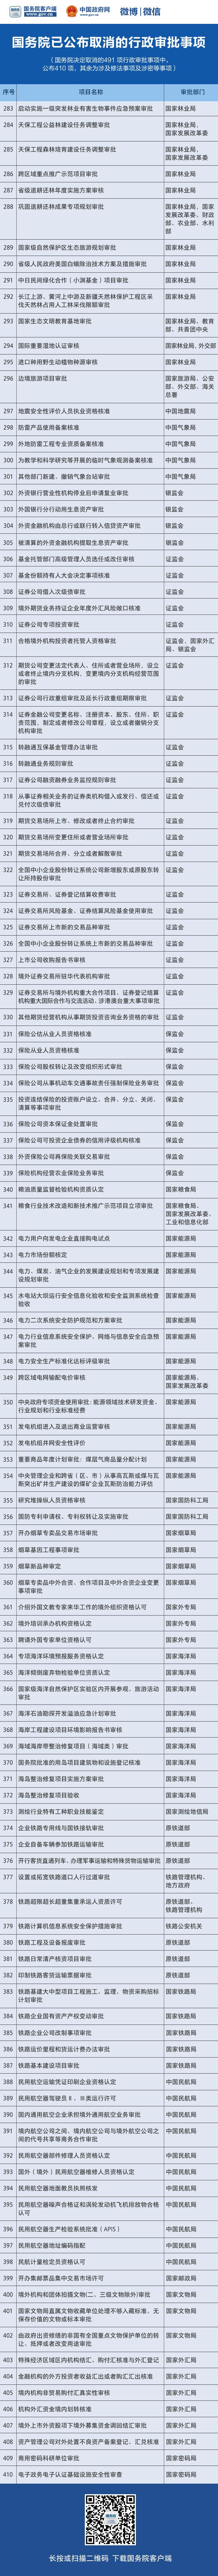 (注:国务院决定取消的491项行政审批事项中,公布410项,其余为涉及修法事项及涉密等事项。)